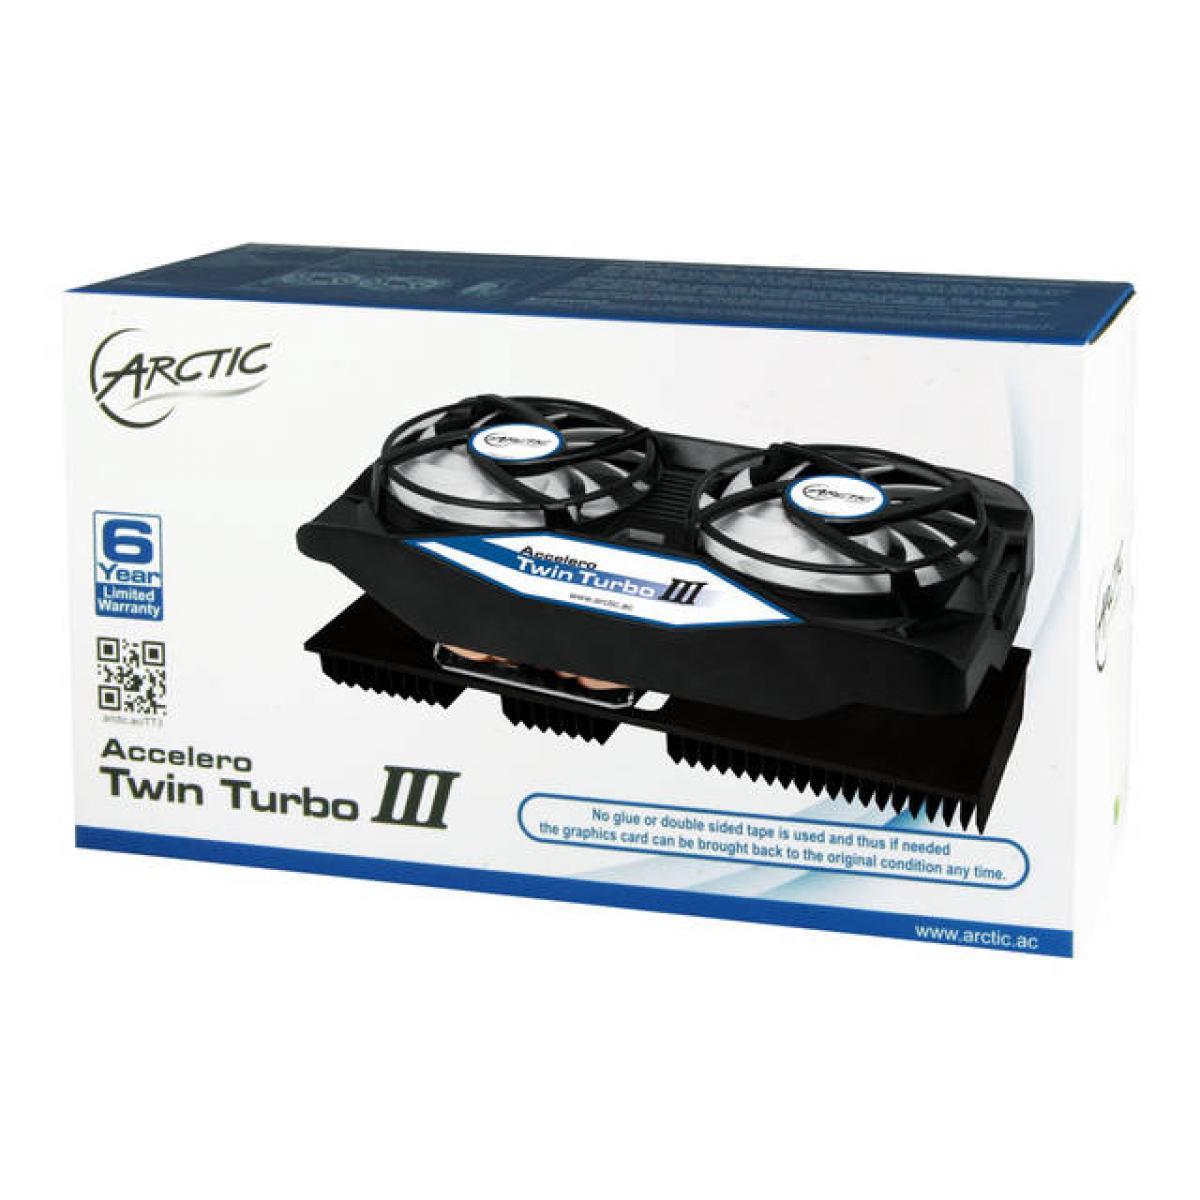 ARCTIC Accelero Twin Turbo III VGA Cooler